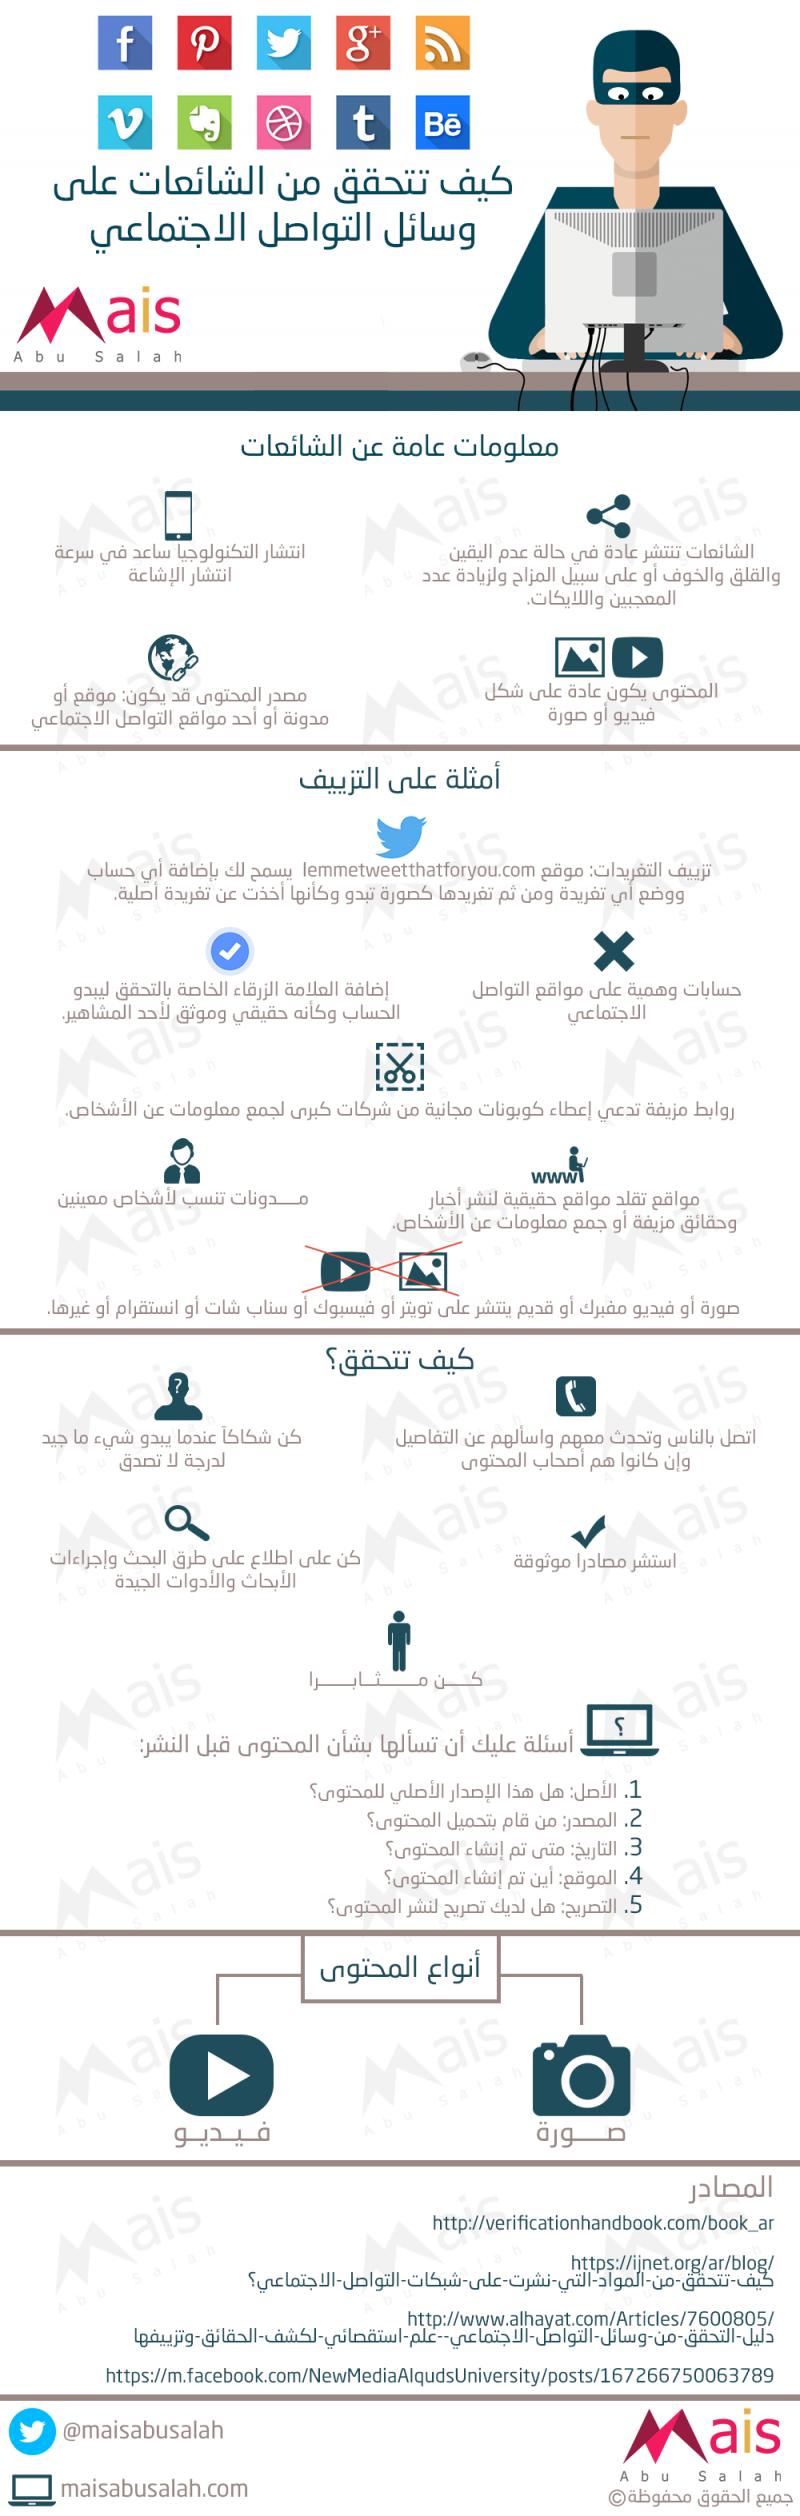 #انفوجرافيك كيف تتحقق من الشائعات على مواقع التواصل الاجتماعي؟